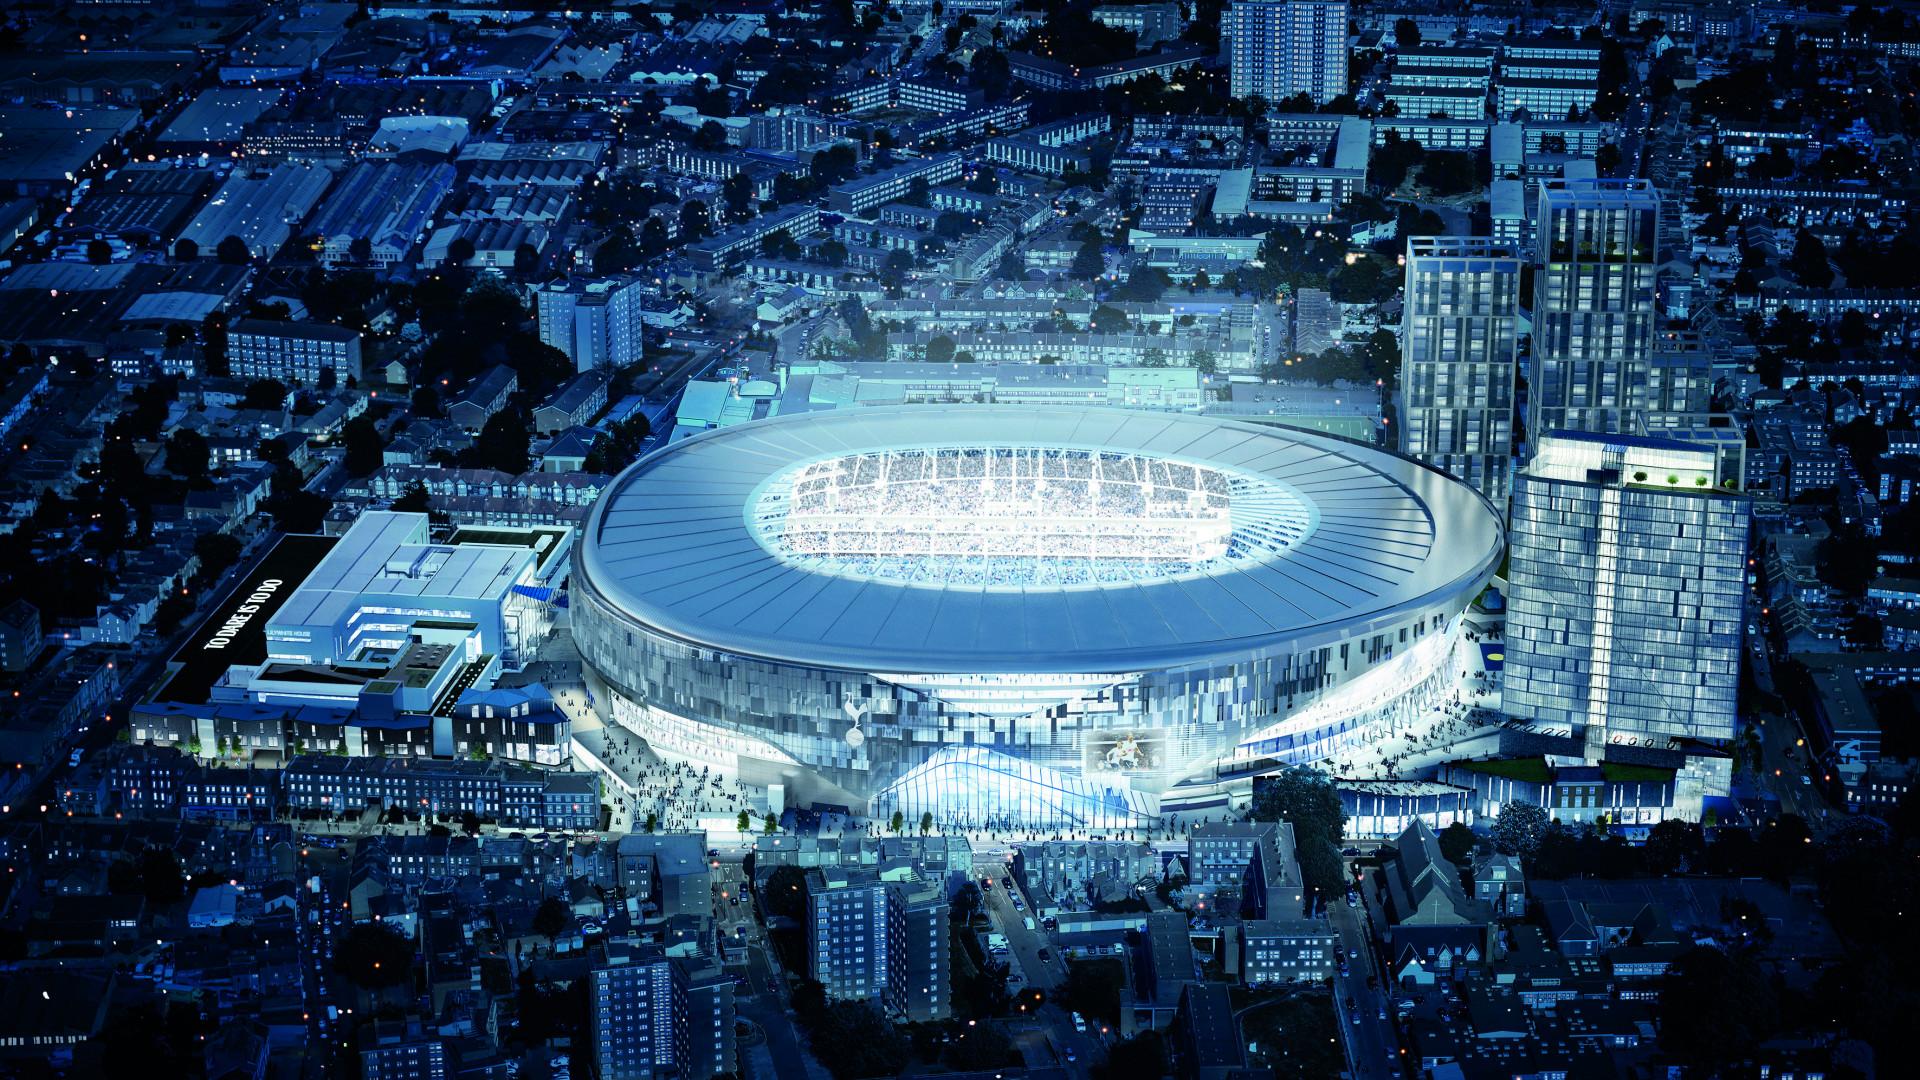 An evening shot of The Tottenham Hotspur Stadium